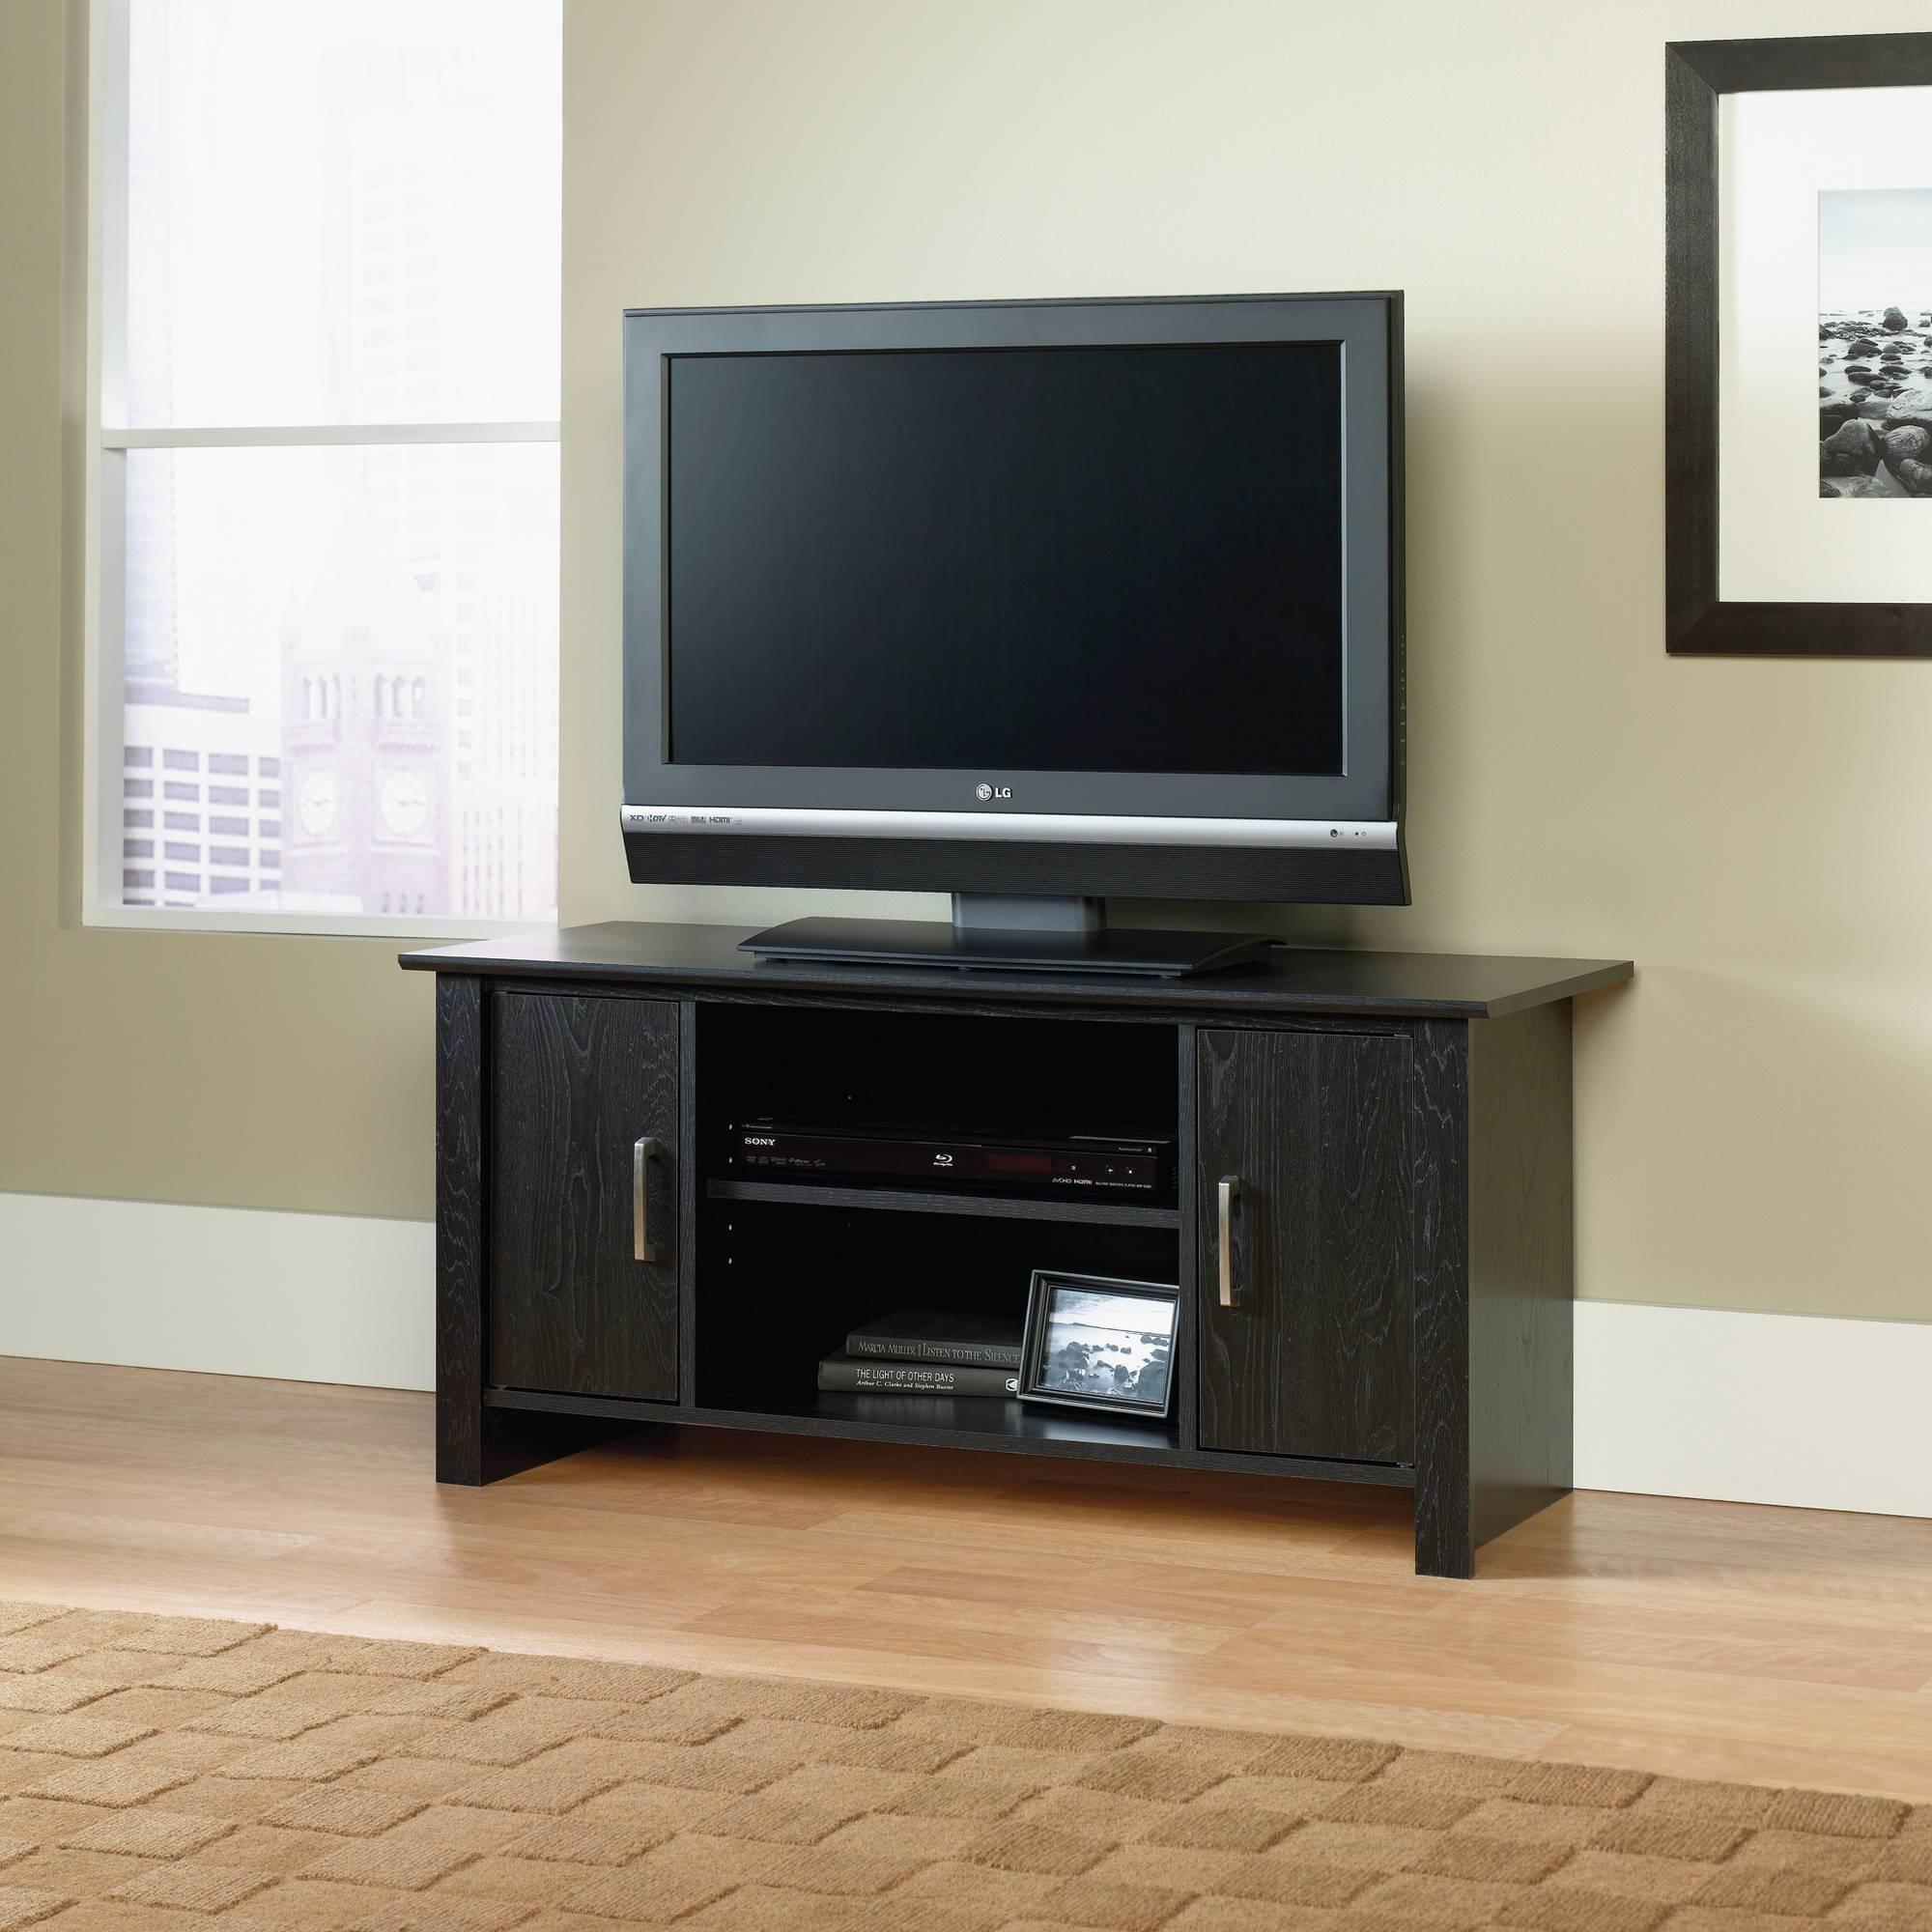 Corner Tv Stands - Walmart in Tv Stands Corner Units (Image 5 of 15)